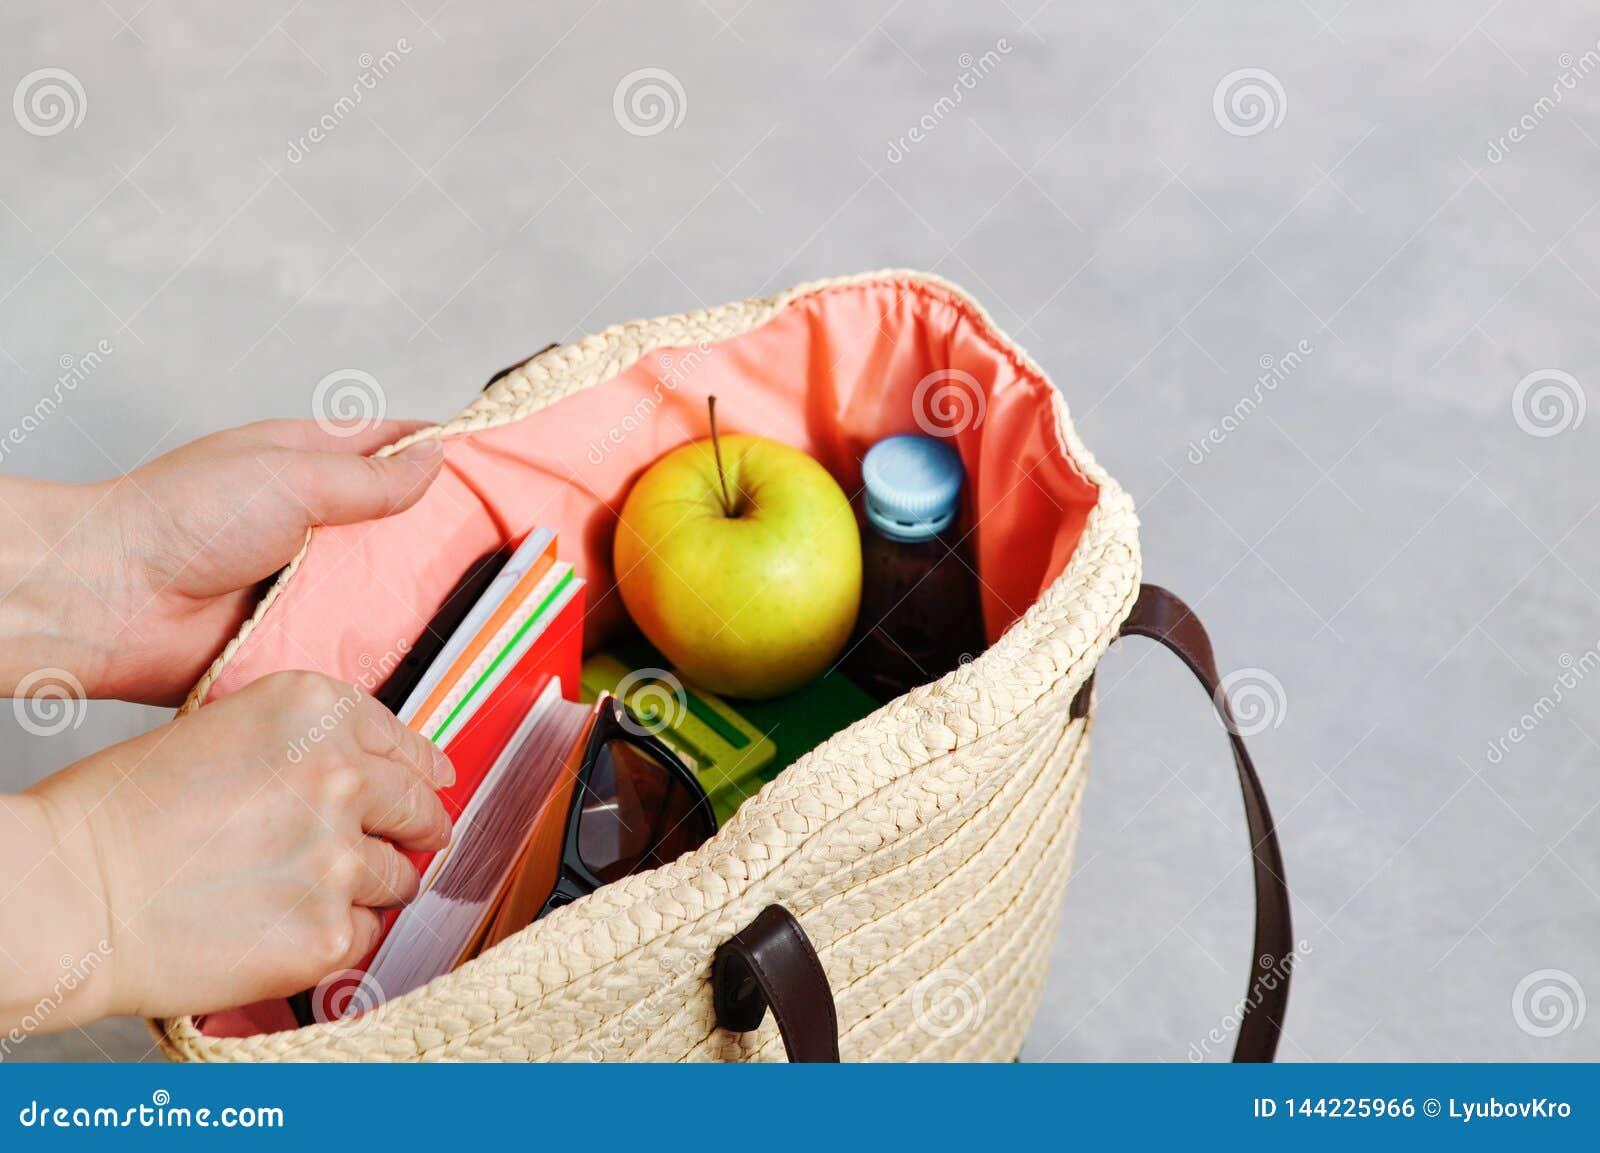 Руки принимают стильную модную плетеную сумку с учебниками и тетрадями, коробкой для завтрака и зеленым Яблоком, водой для закуск